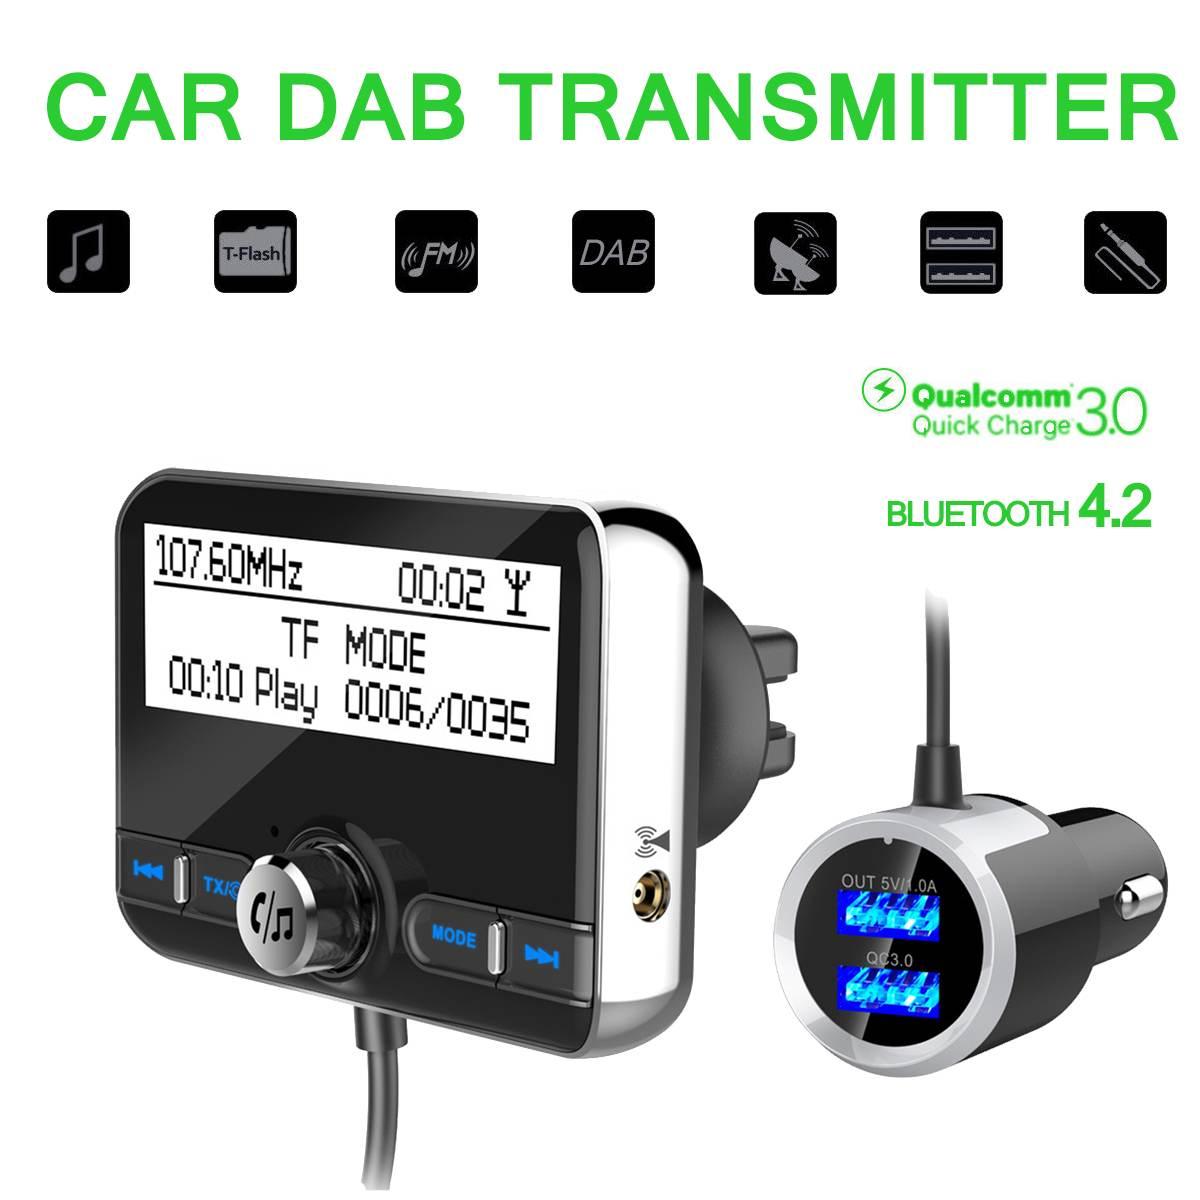 Voiture DAB/DAB + Radio Radio numérique Récepteur Tuner USB Adaptateur TF/AUX Antenne écran lcd Appels Mains Libres transmetteur bluetooth